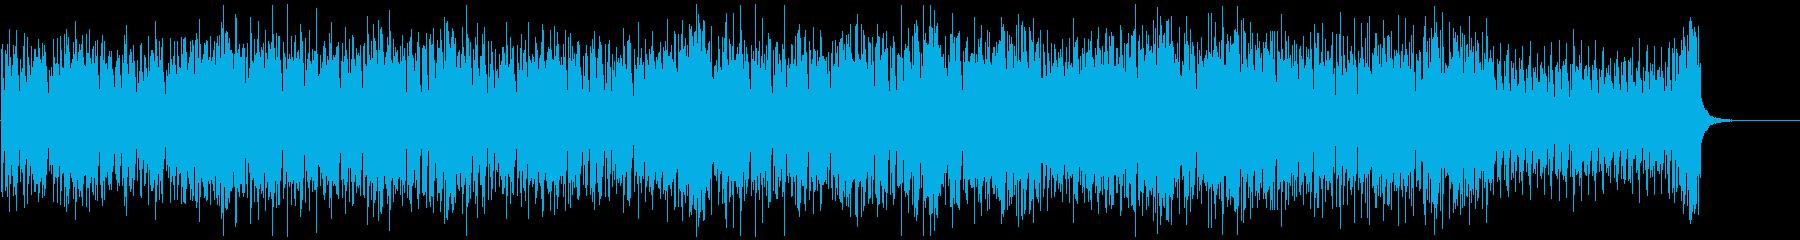 ピコピコしたレトロゲーム風の曲2の再生済みの波形